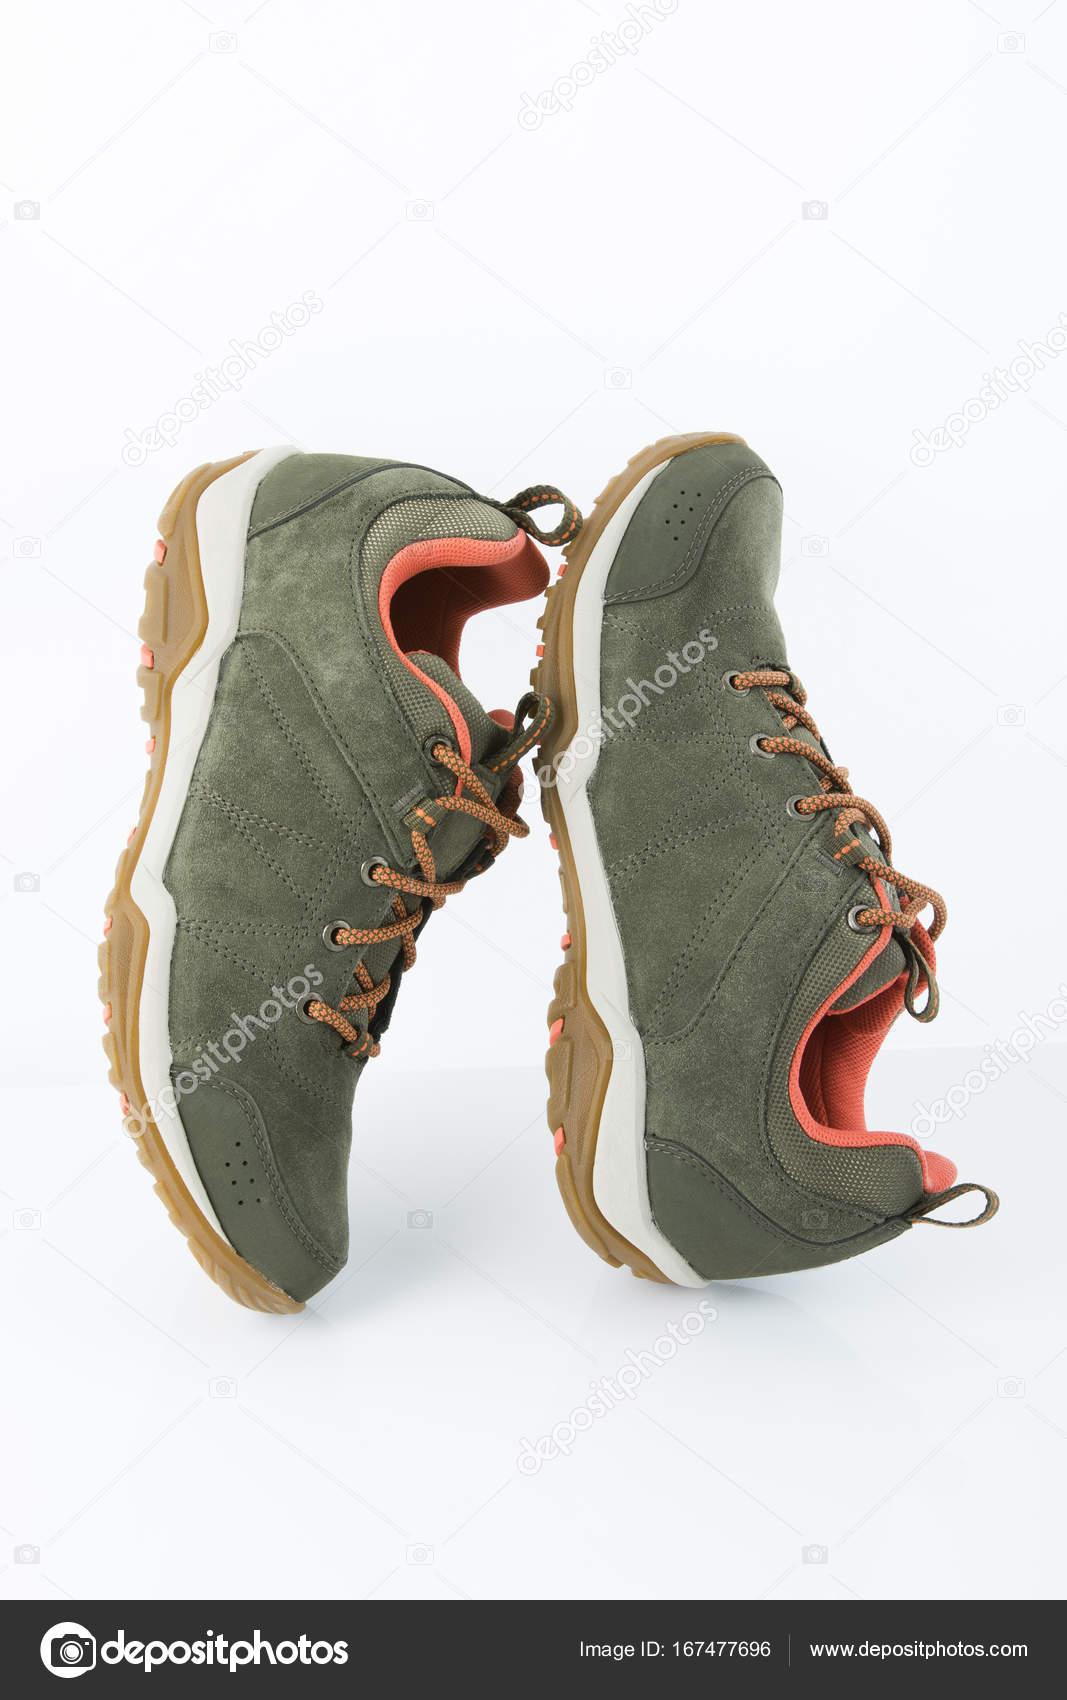 πράσινο δέρμα καστόρι παπούτσια πεζοπορίας — Φωτογραφία Αρχείου ... 892d0717dc6